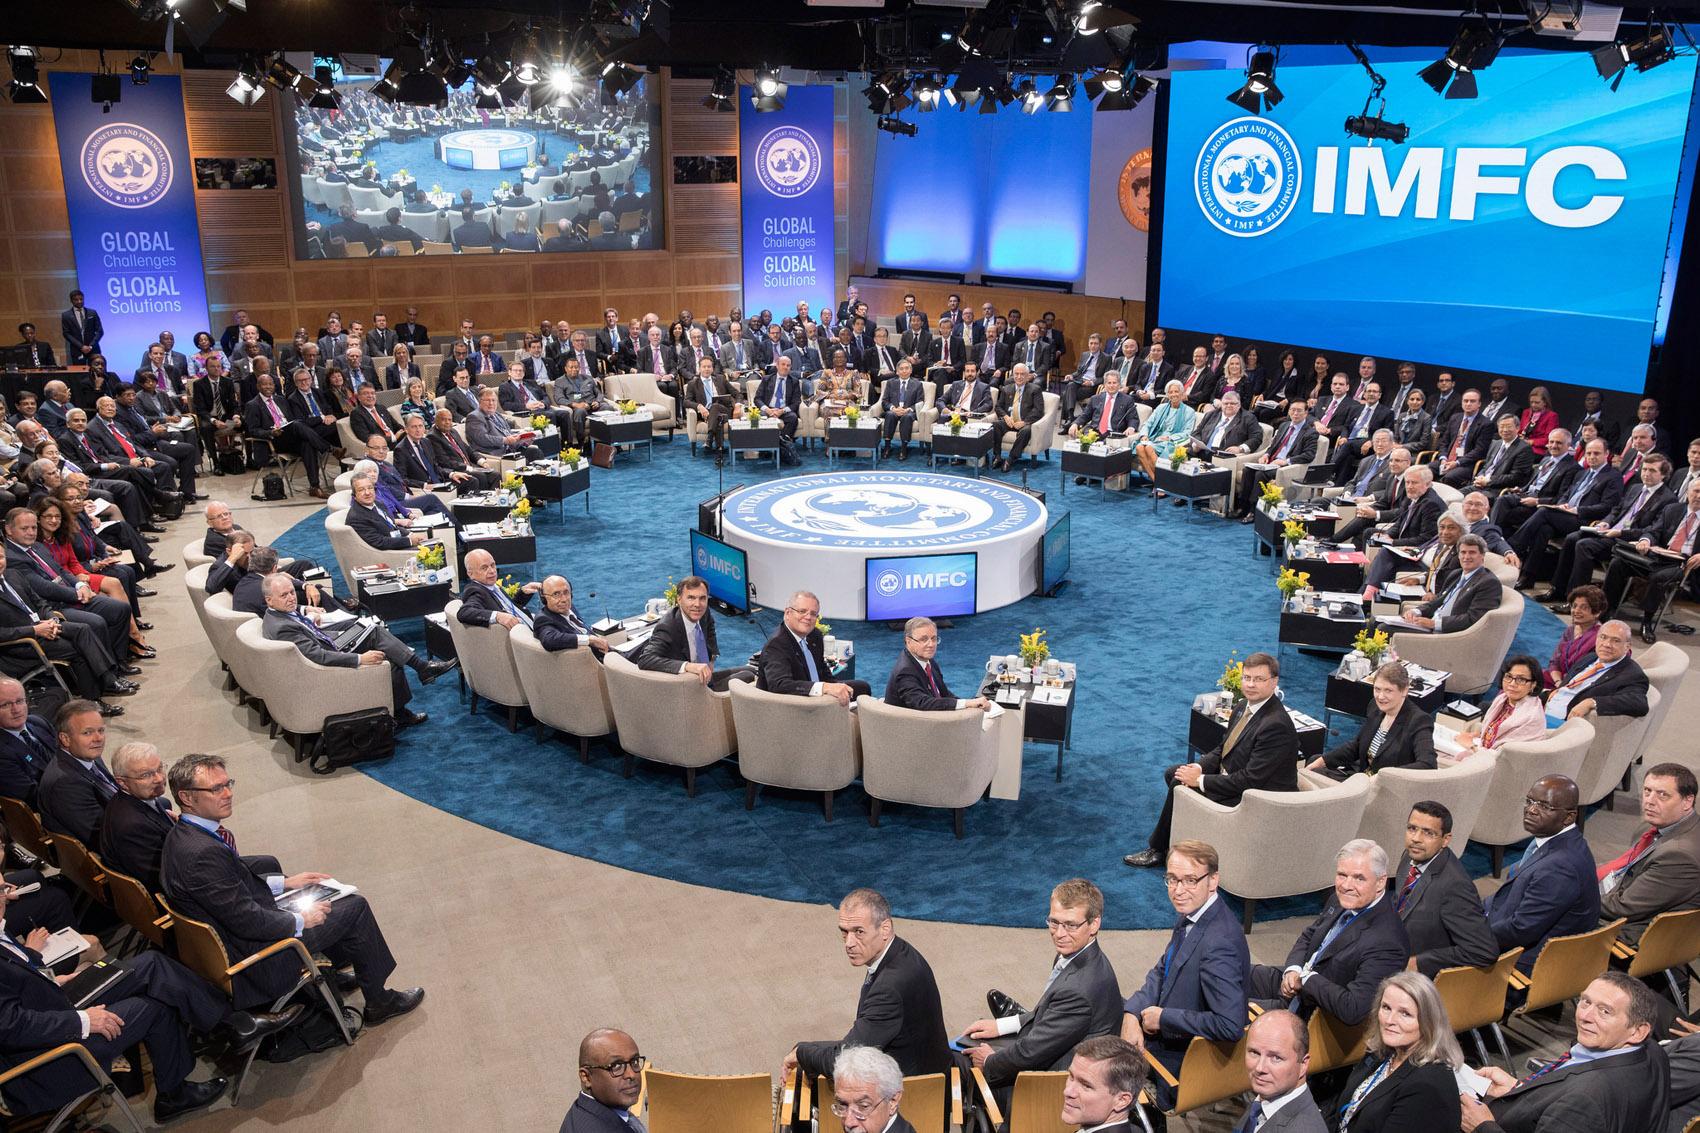 Возможно, что программа МВФ для Украины будет остановлена, как в 2009 году